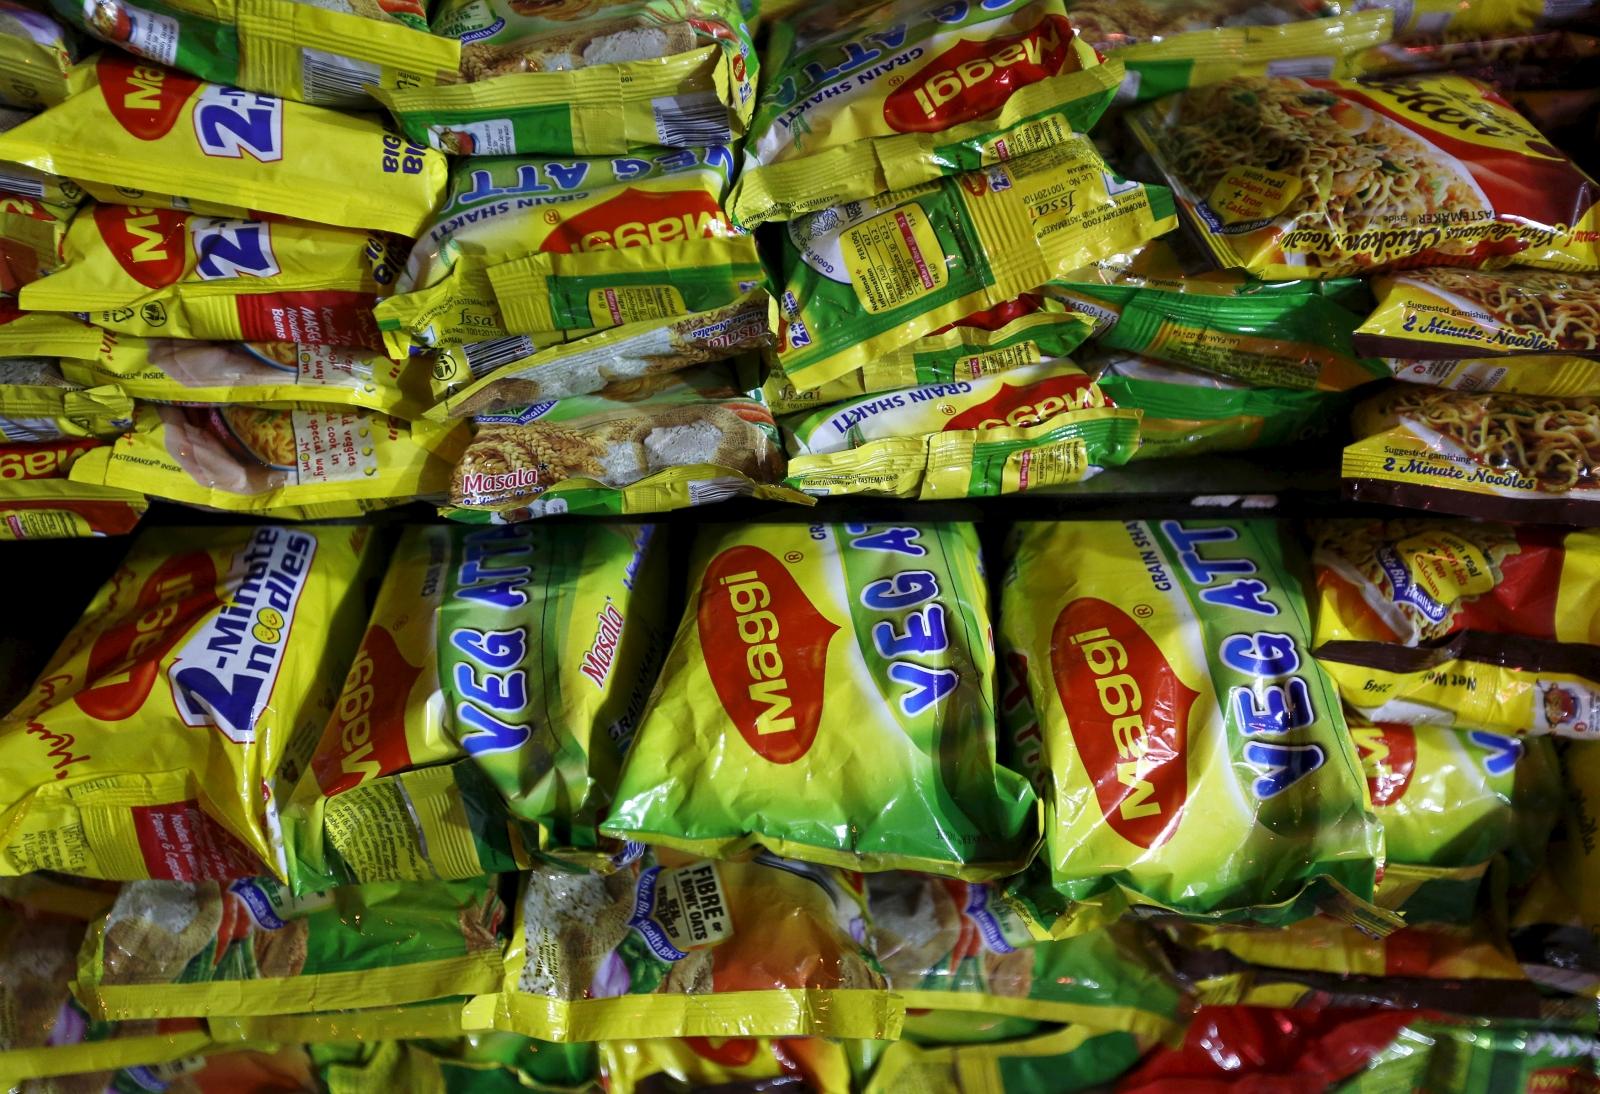 Nestle's Maggi instant noodles